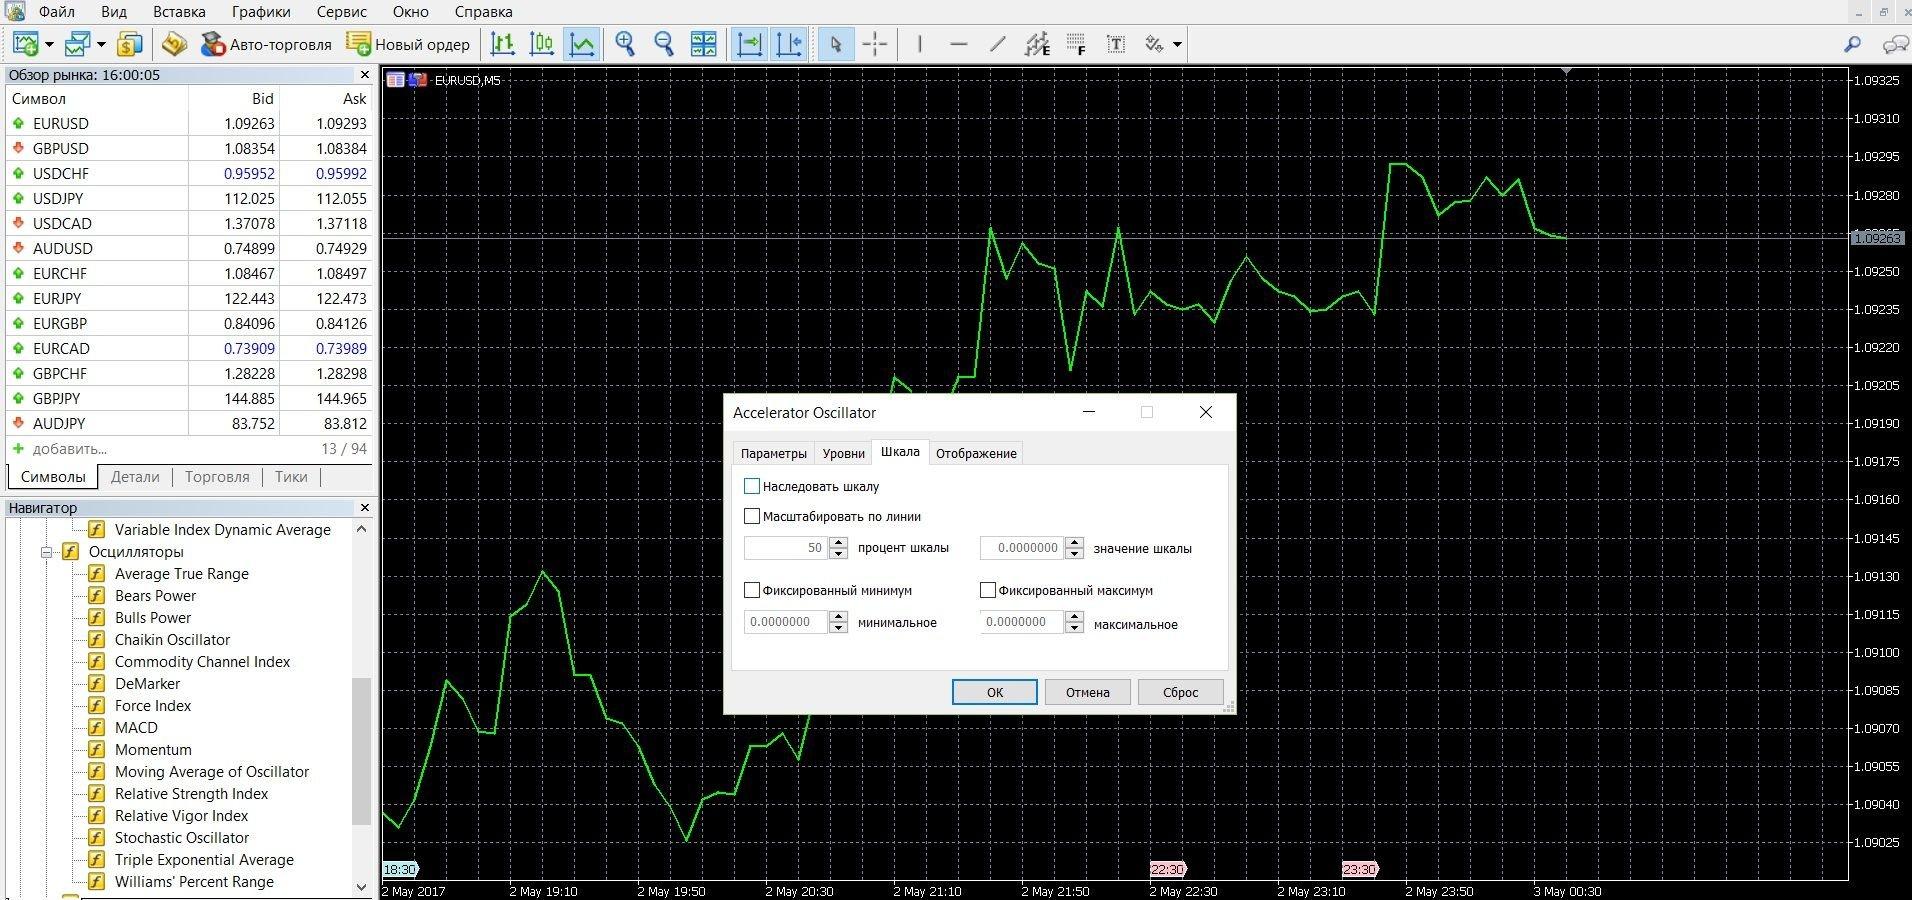 Accelerator Oscillator заранее показывает ускорение и замедление движущей силы